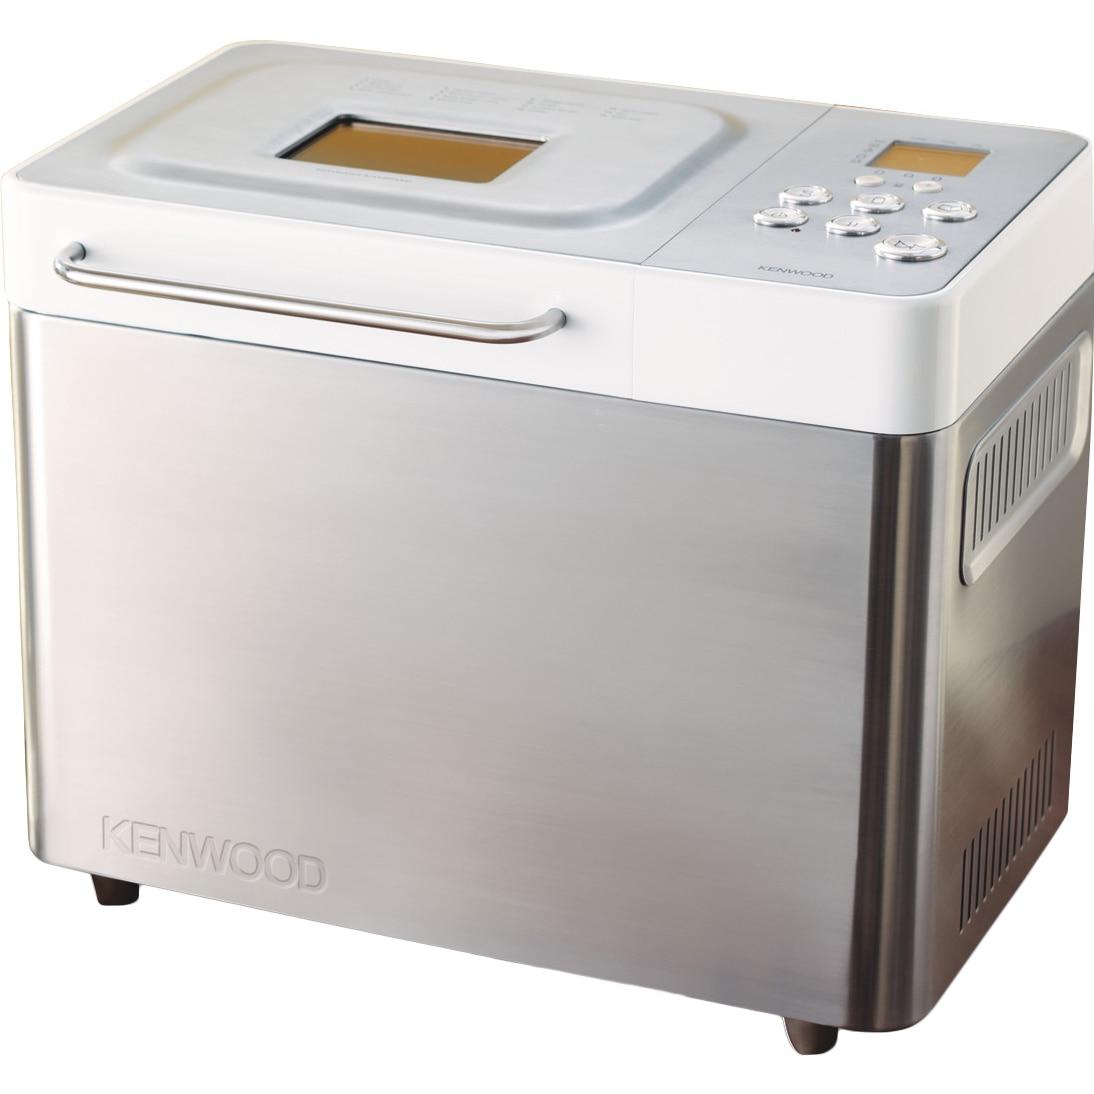 Fotografie Masina de paine KENWOOD BM350, 645 W, 1000 g, 14 programe, argintiu